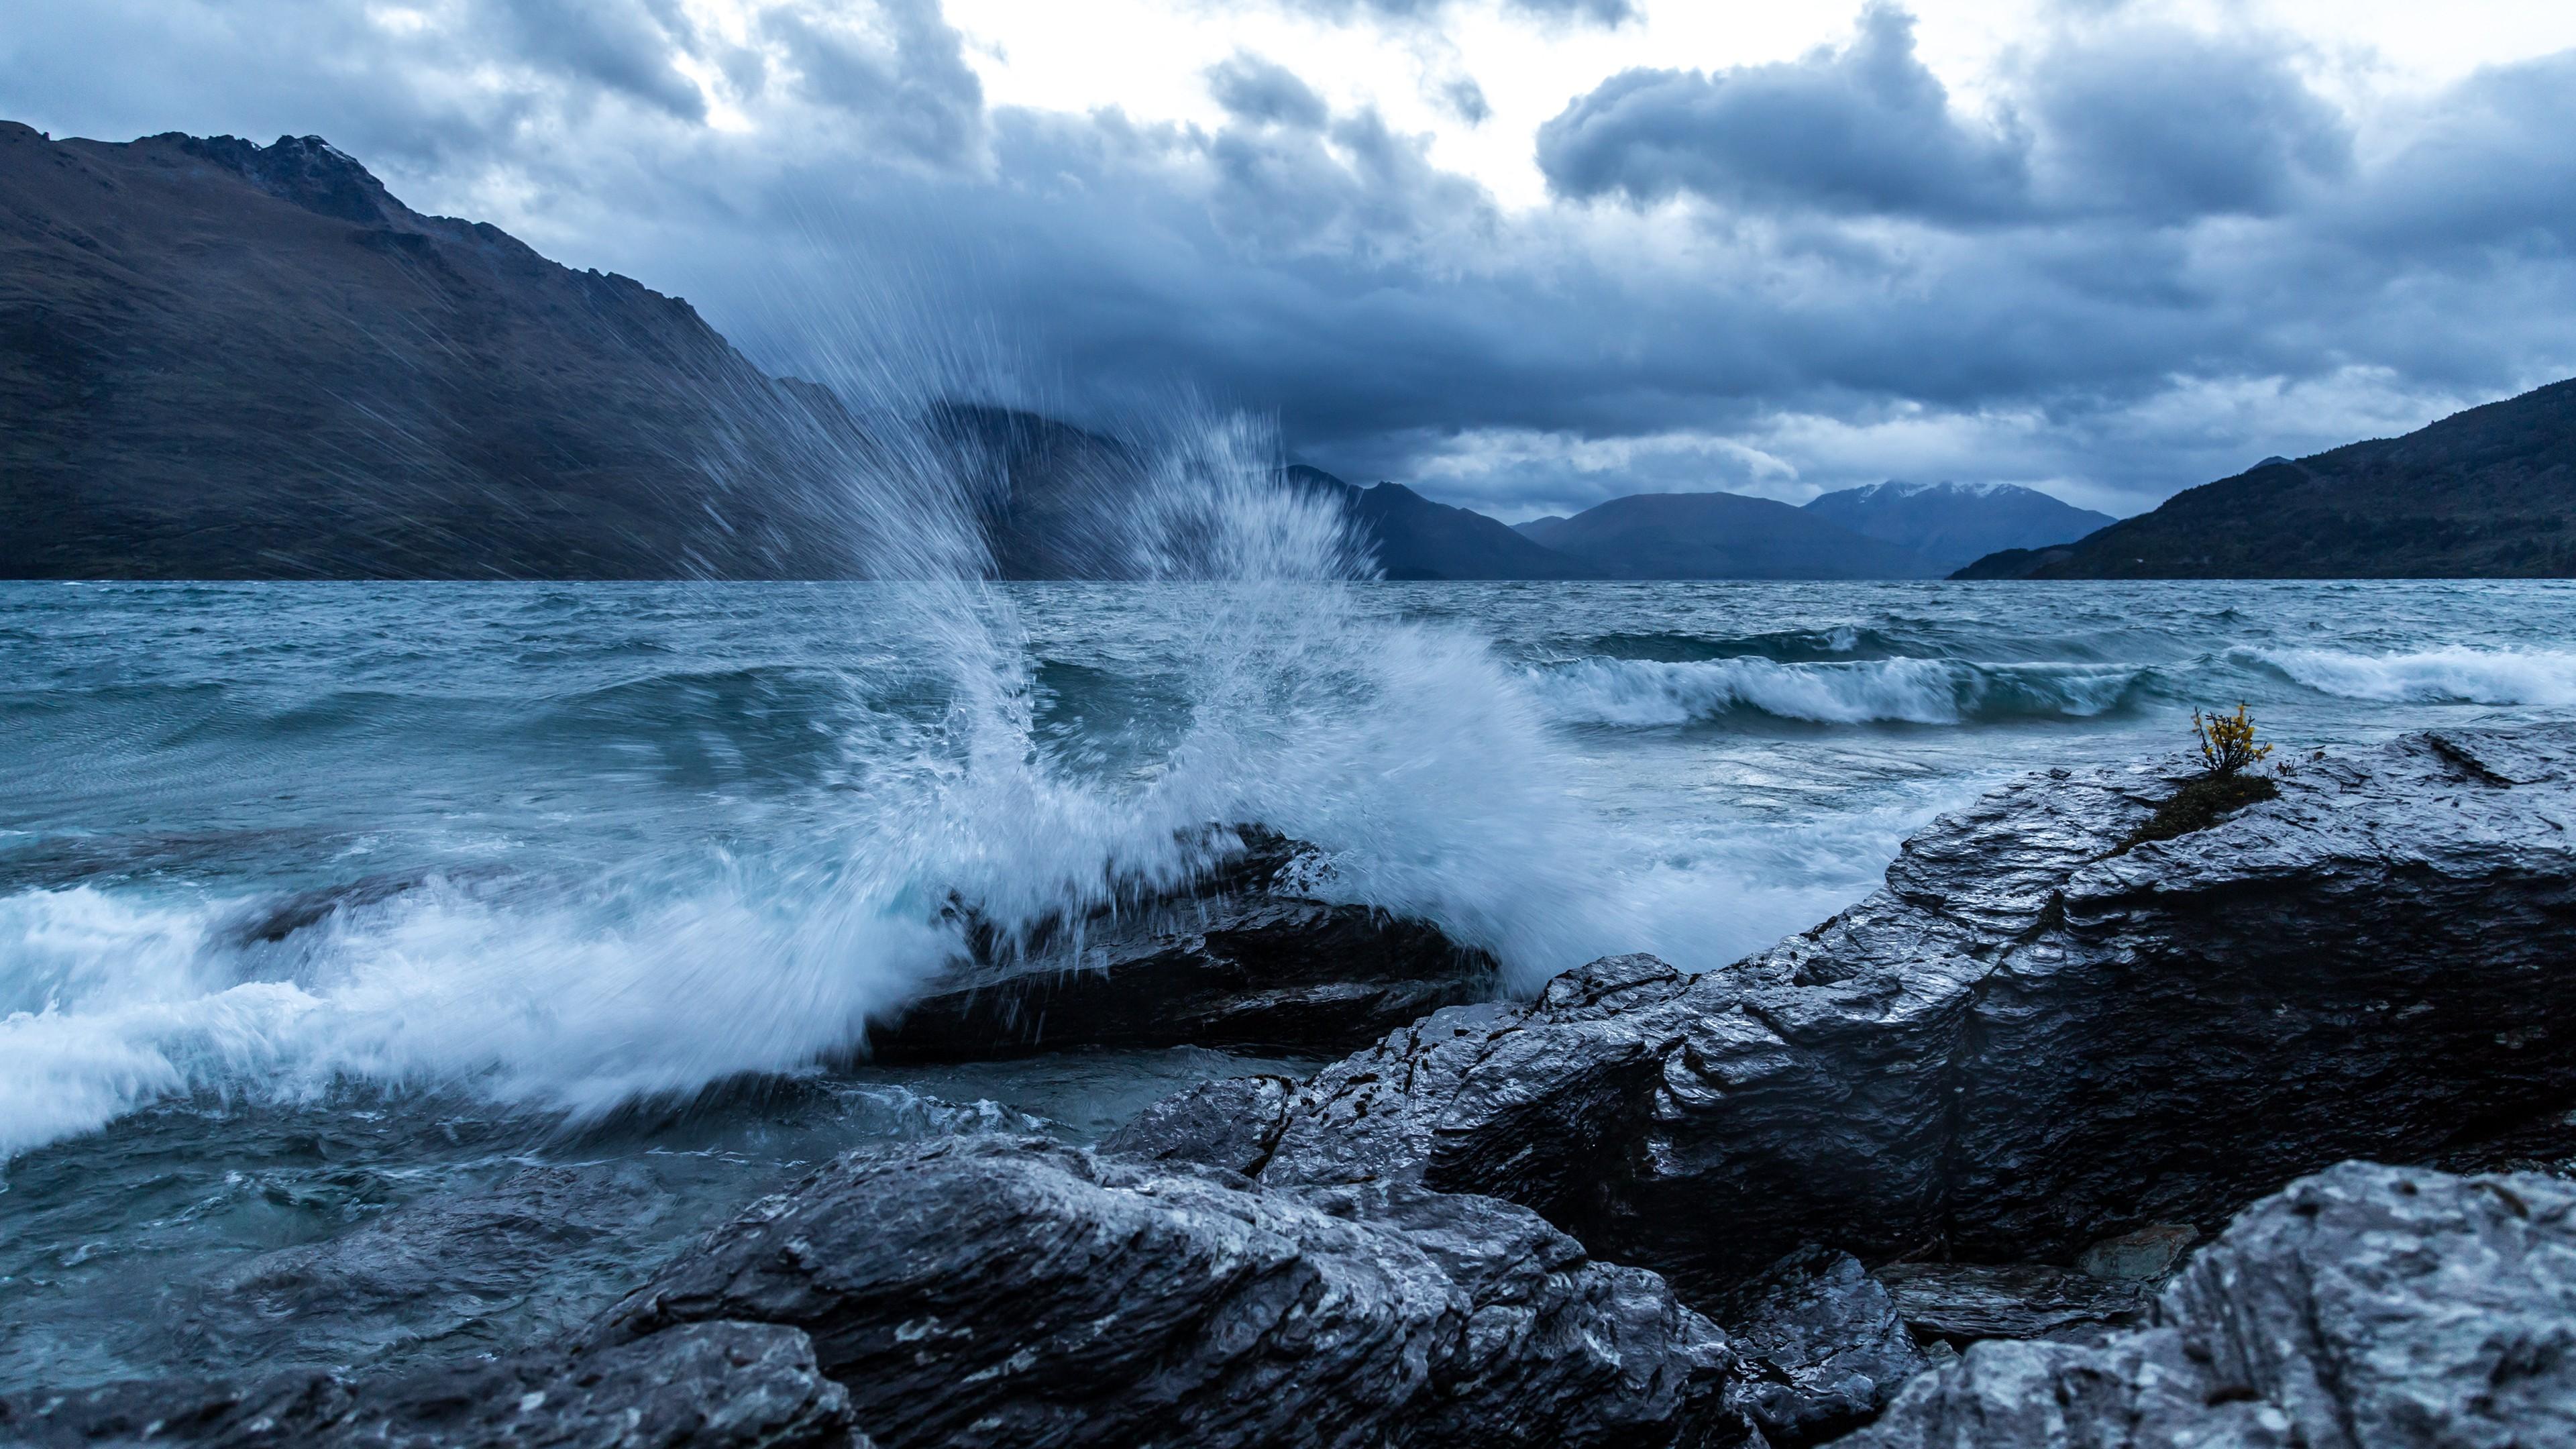 Vista Girls Wallpaper Wallpaper Sea 5k 4k Wallpaper Ocean Rocks Wave